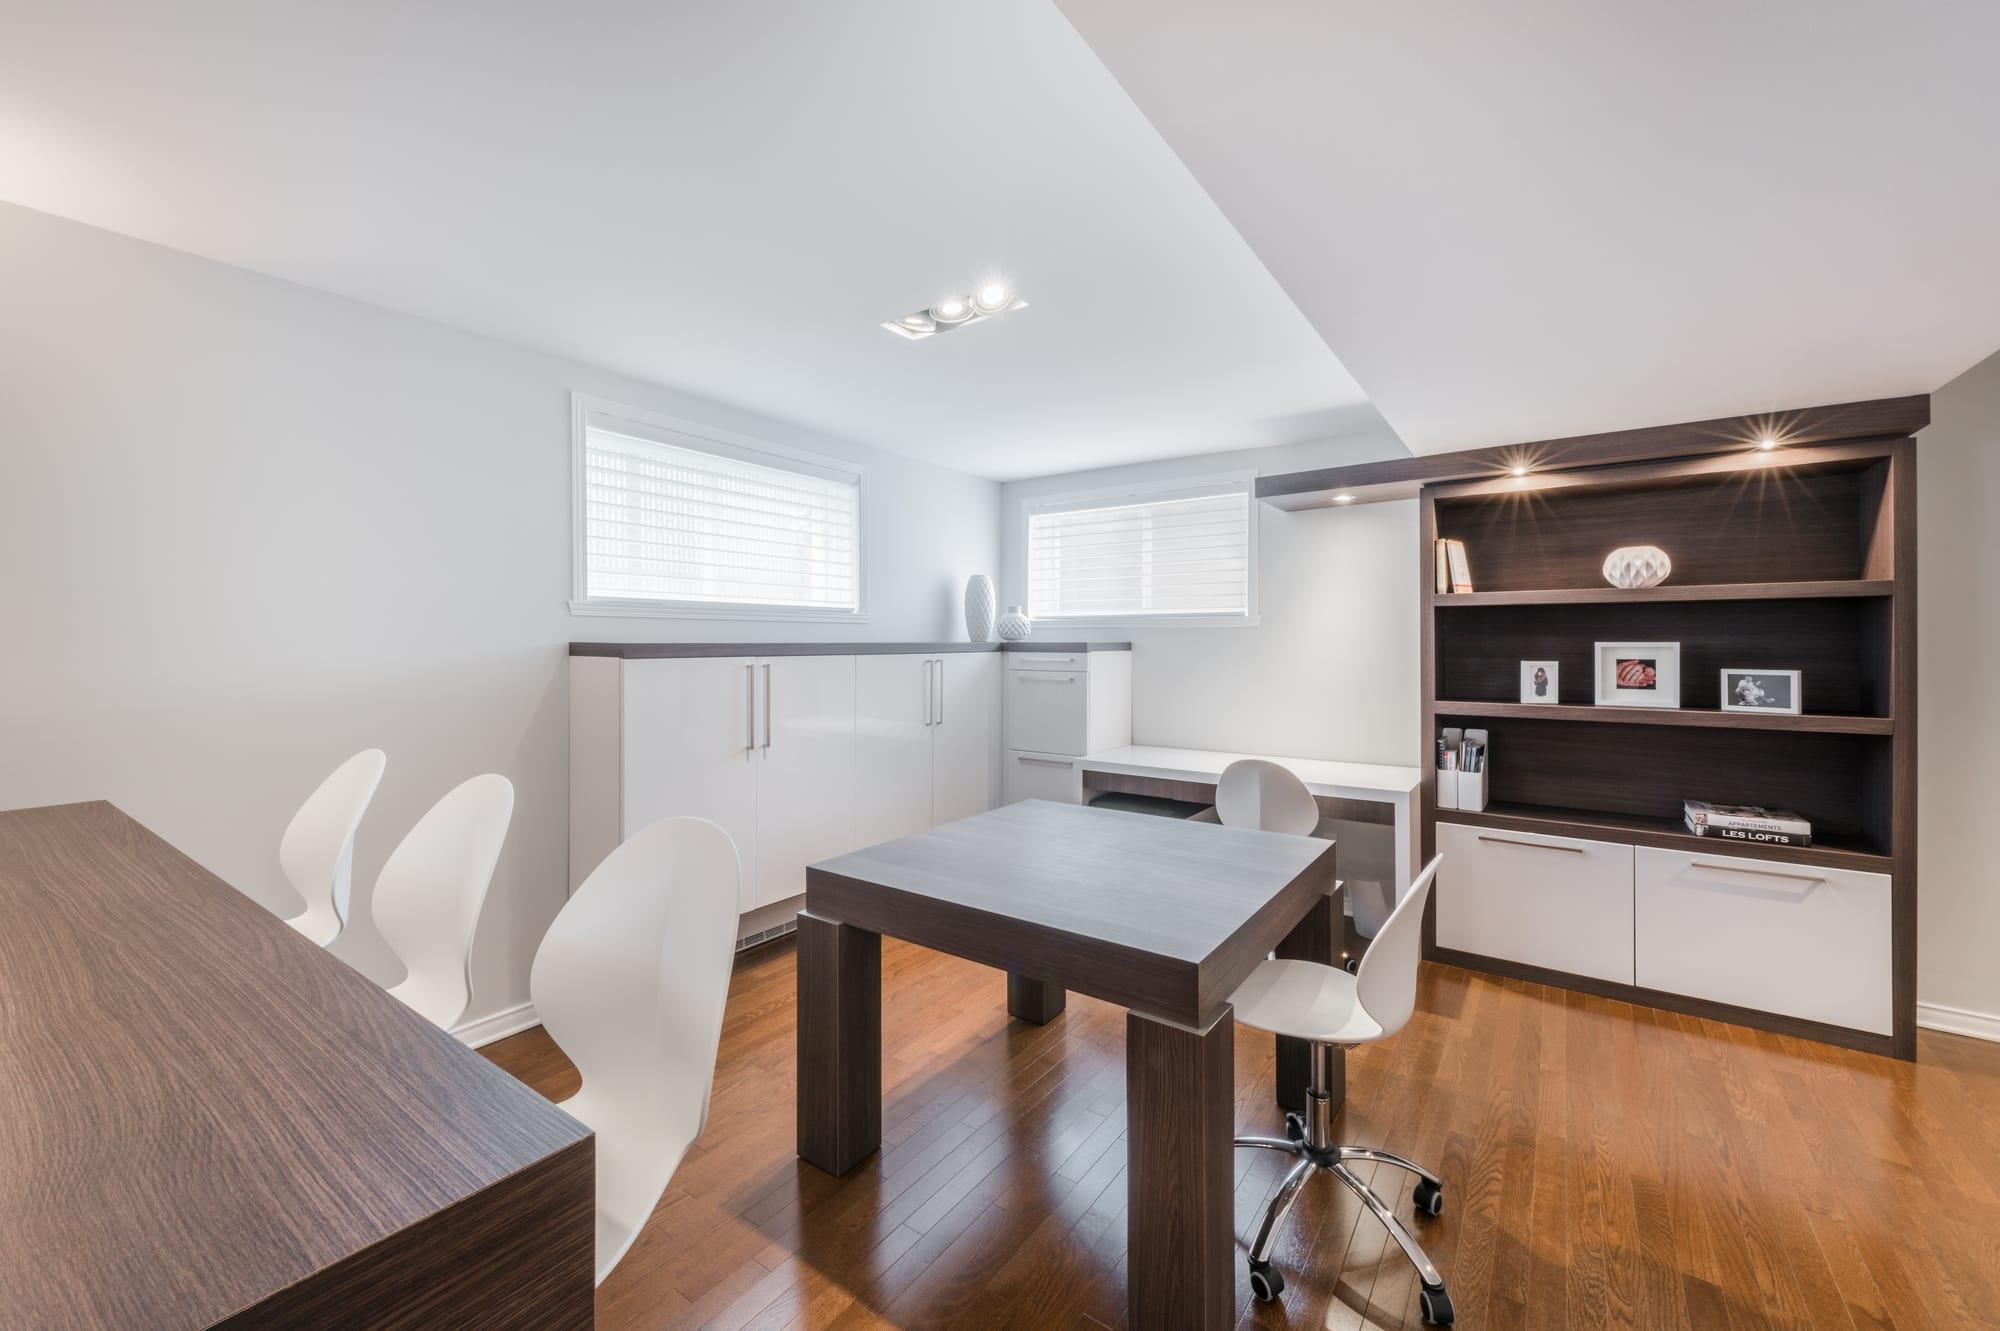 bureau aménagé dans sous-sol avec bibliothèque, rangements et comptoir lunch faits sur mesure